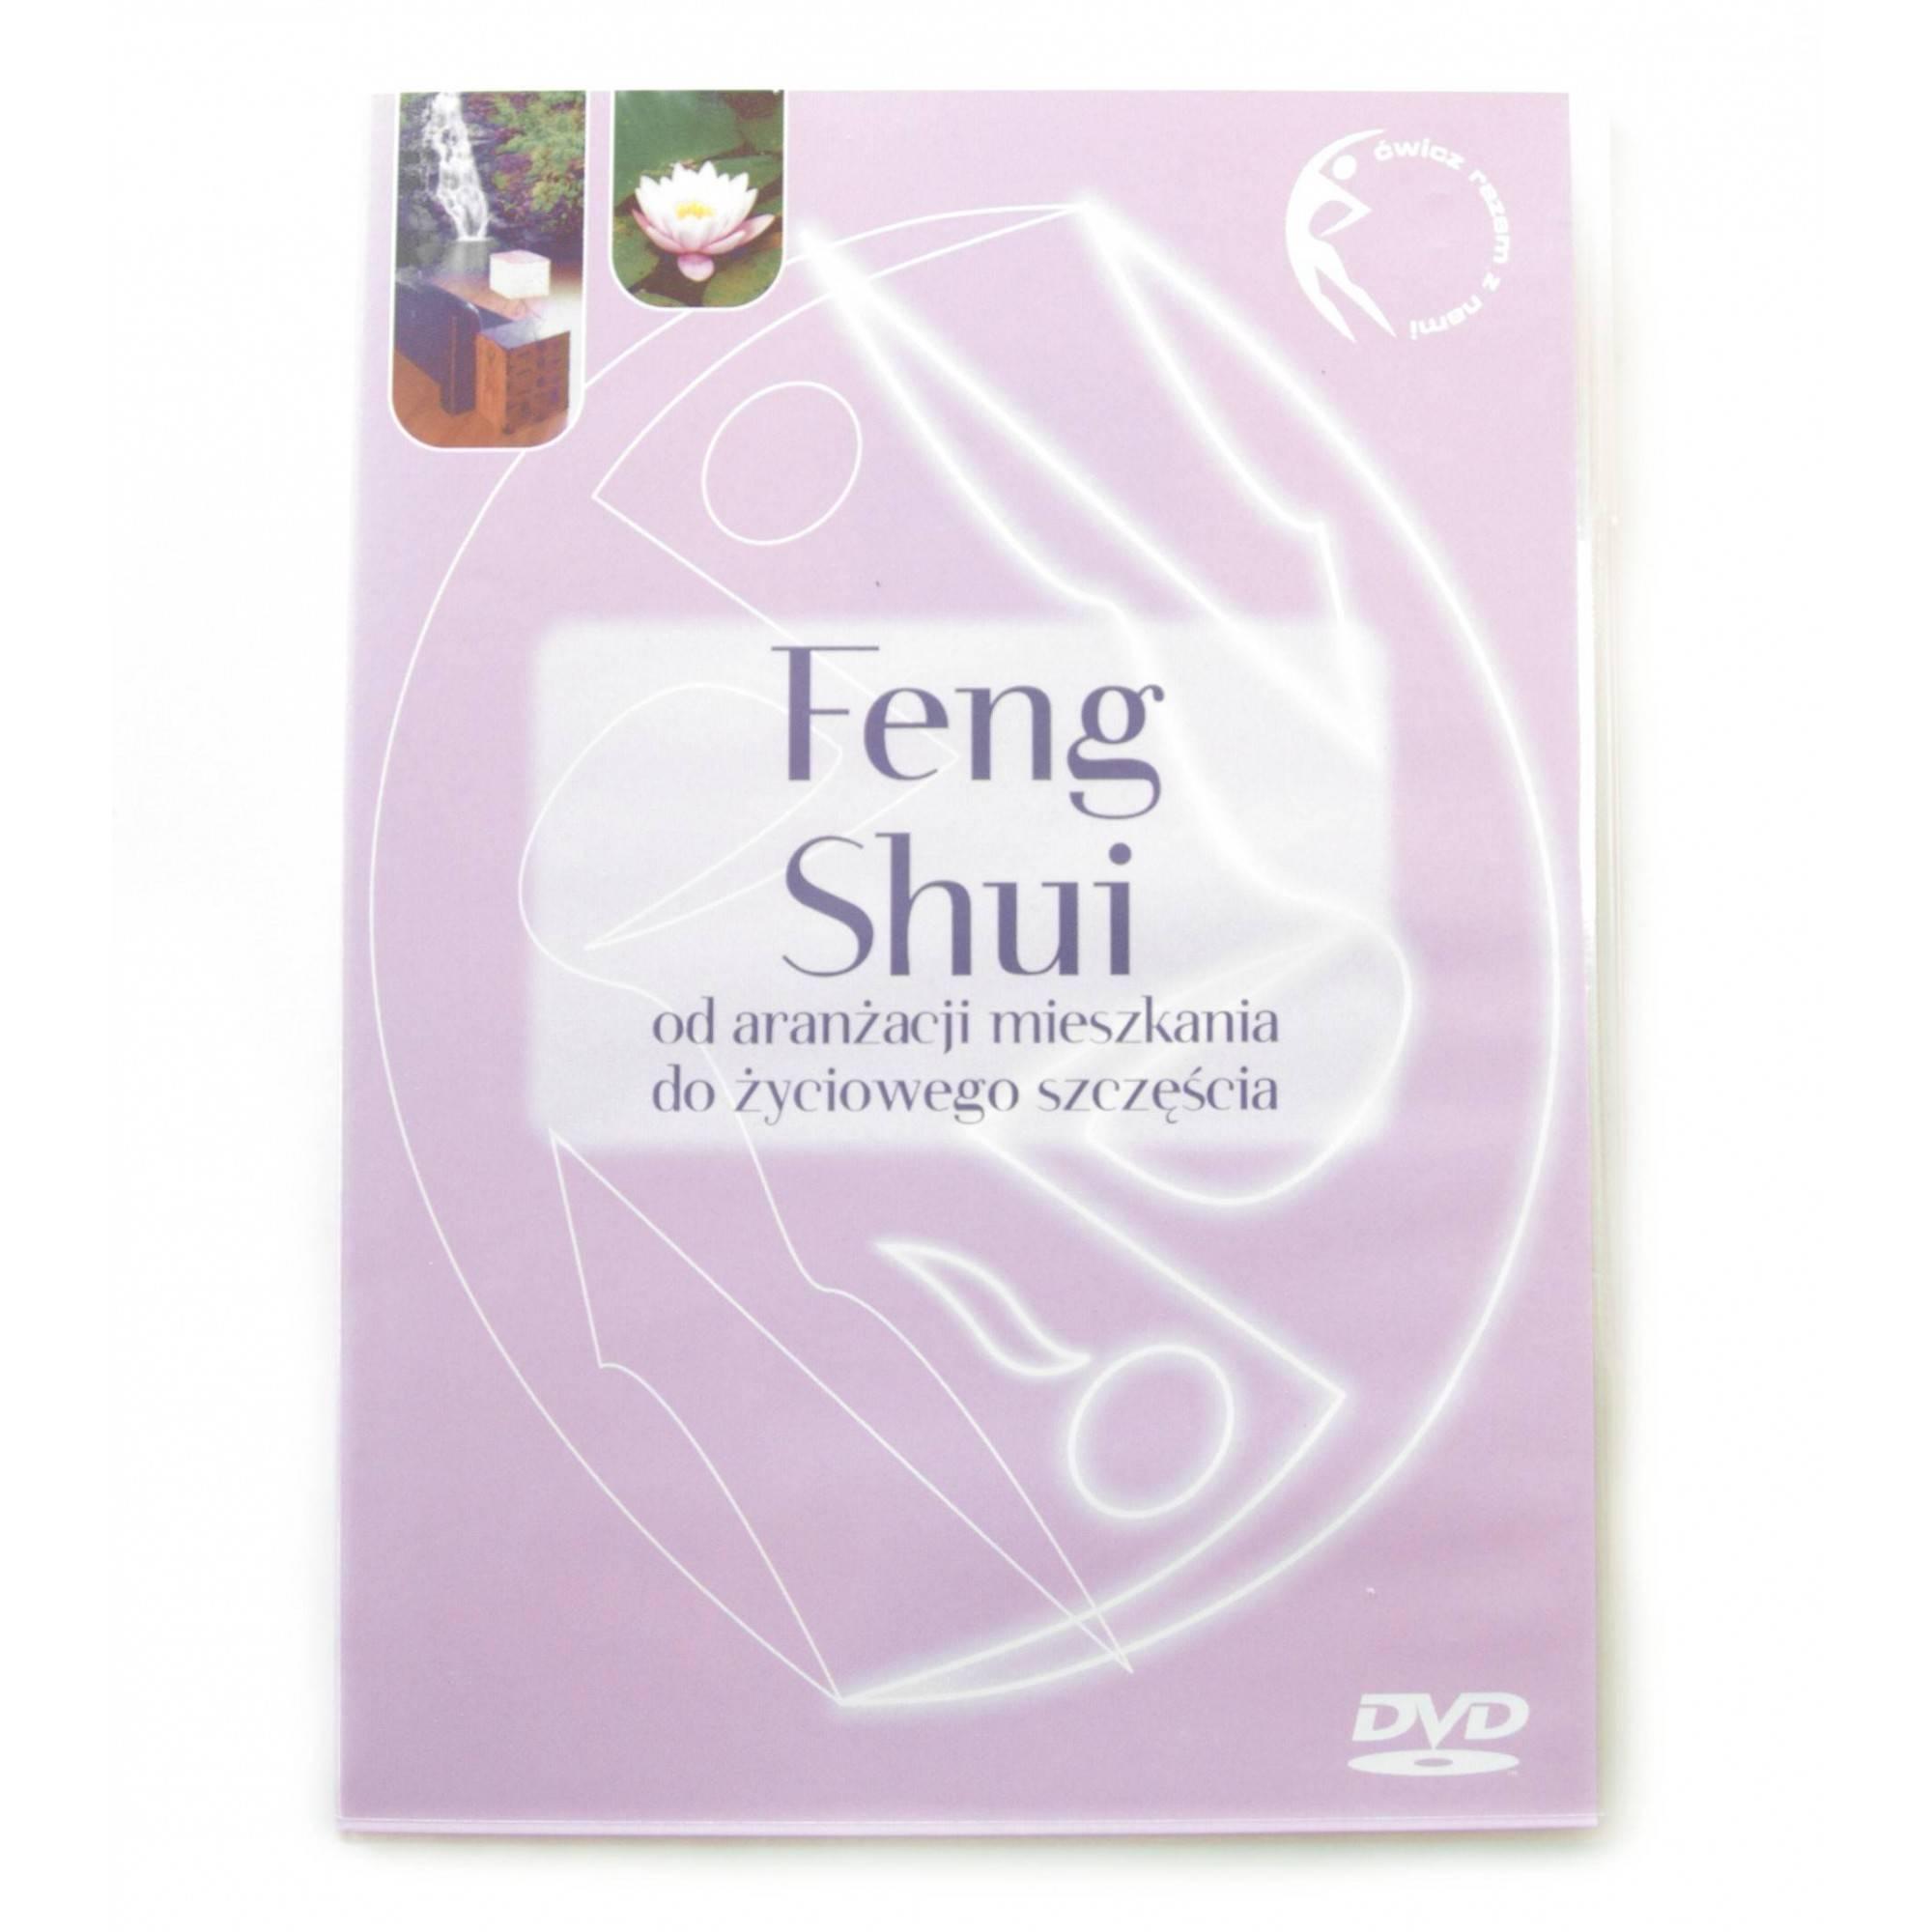 Ćwiczenia instruktażowe DVD Feng Shui MayFly - 1 | klubfitness.pl | sprzęt sportowy sport equipment